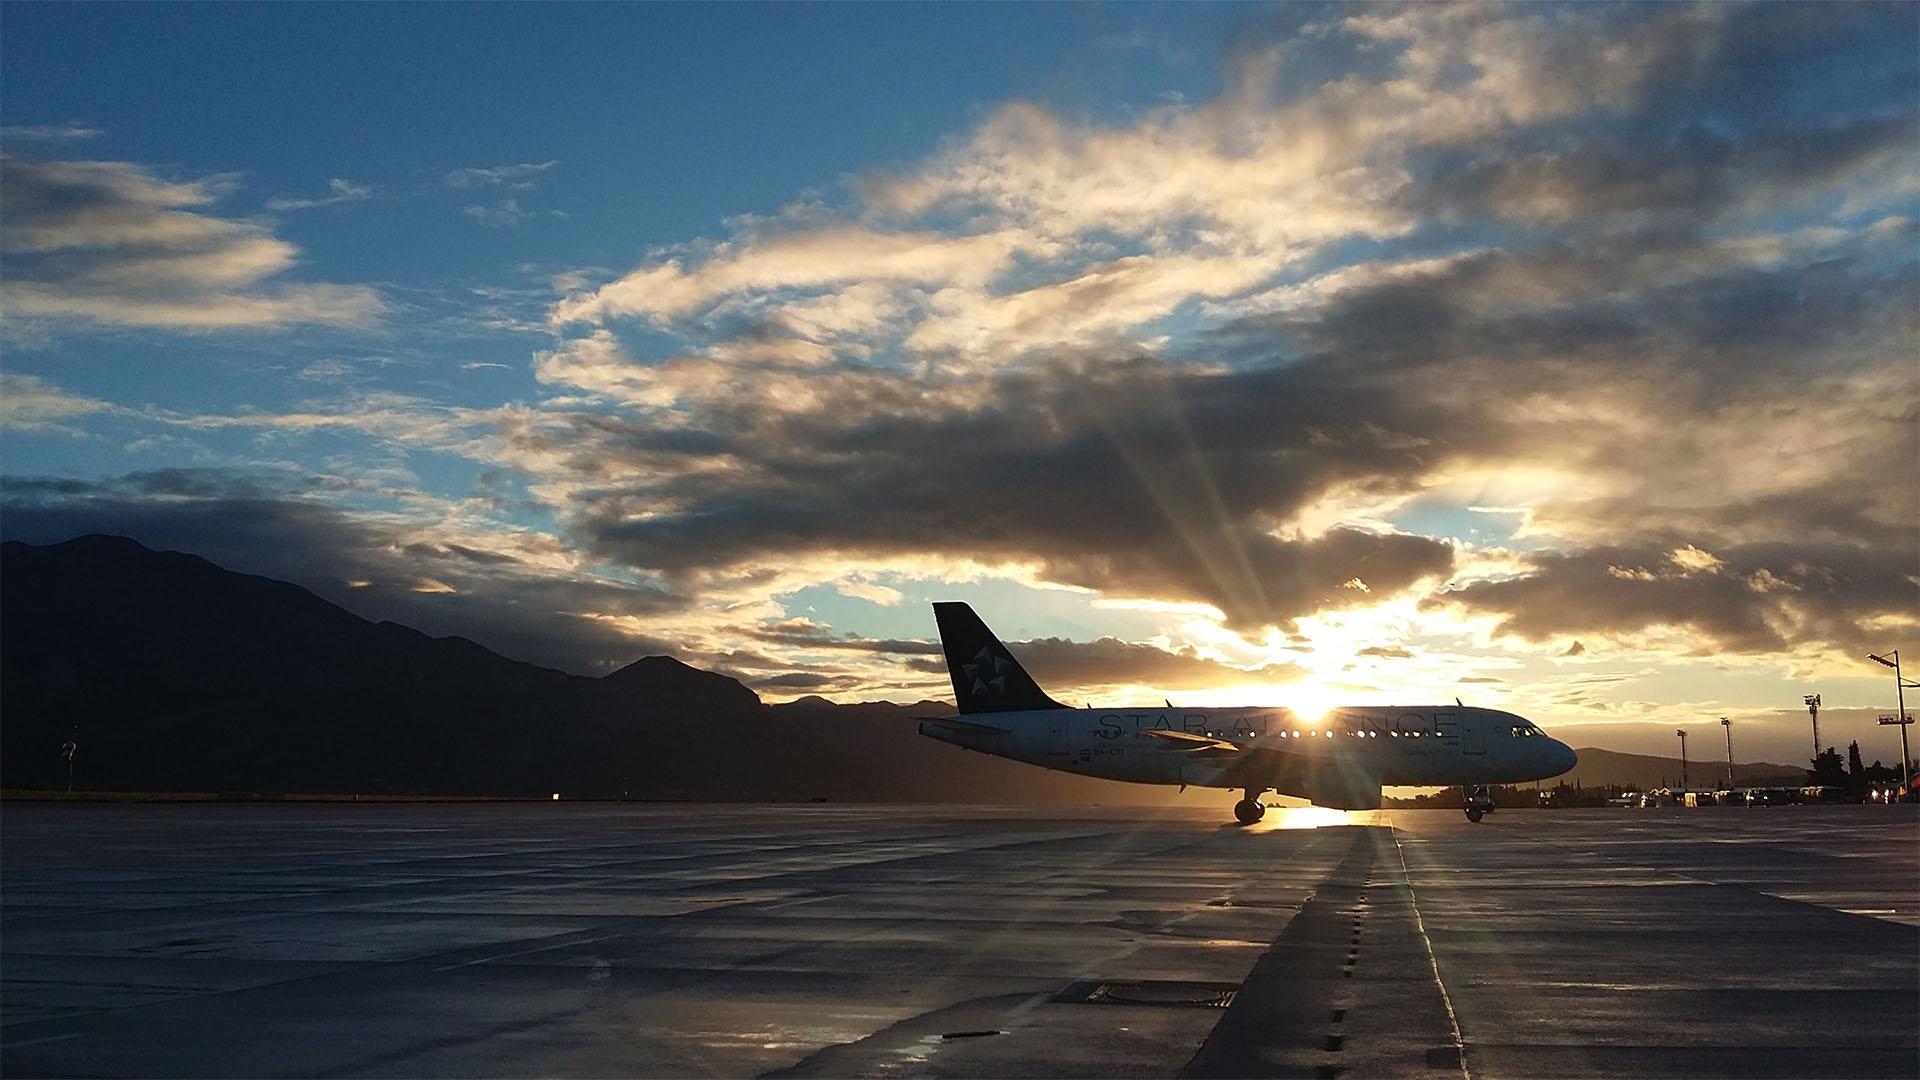 Flere av landets største bedrifter vil kutte kraftig i flyreiser, også etter korona. De må ikke bli et argument for å kutte i ambisjonene om solide retningslinjer for reisesikkerhet.